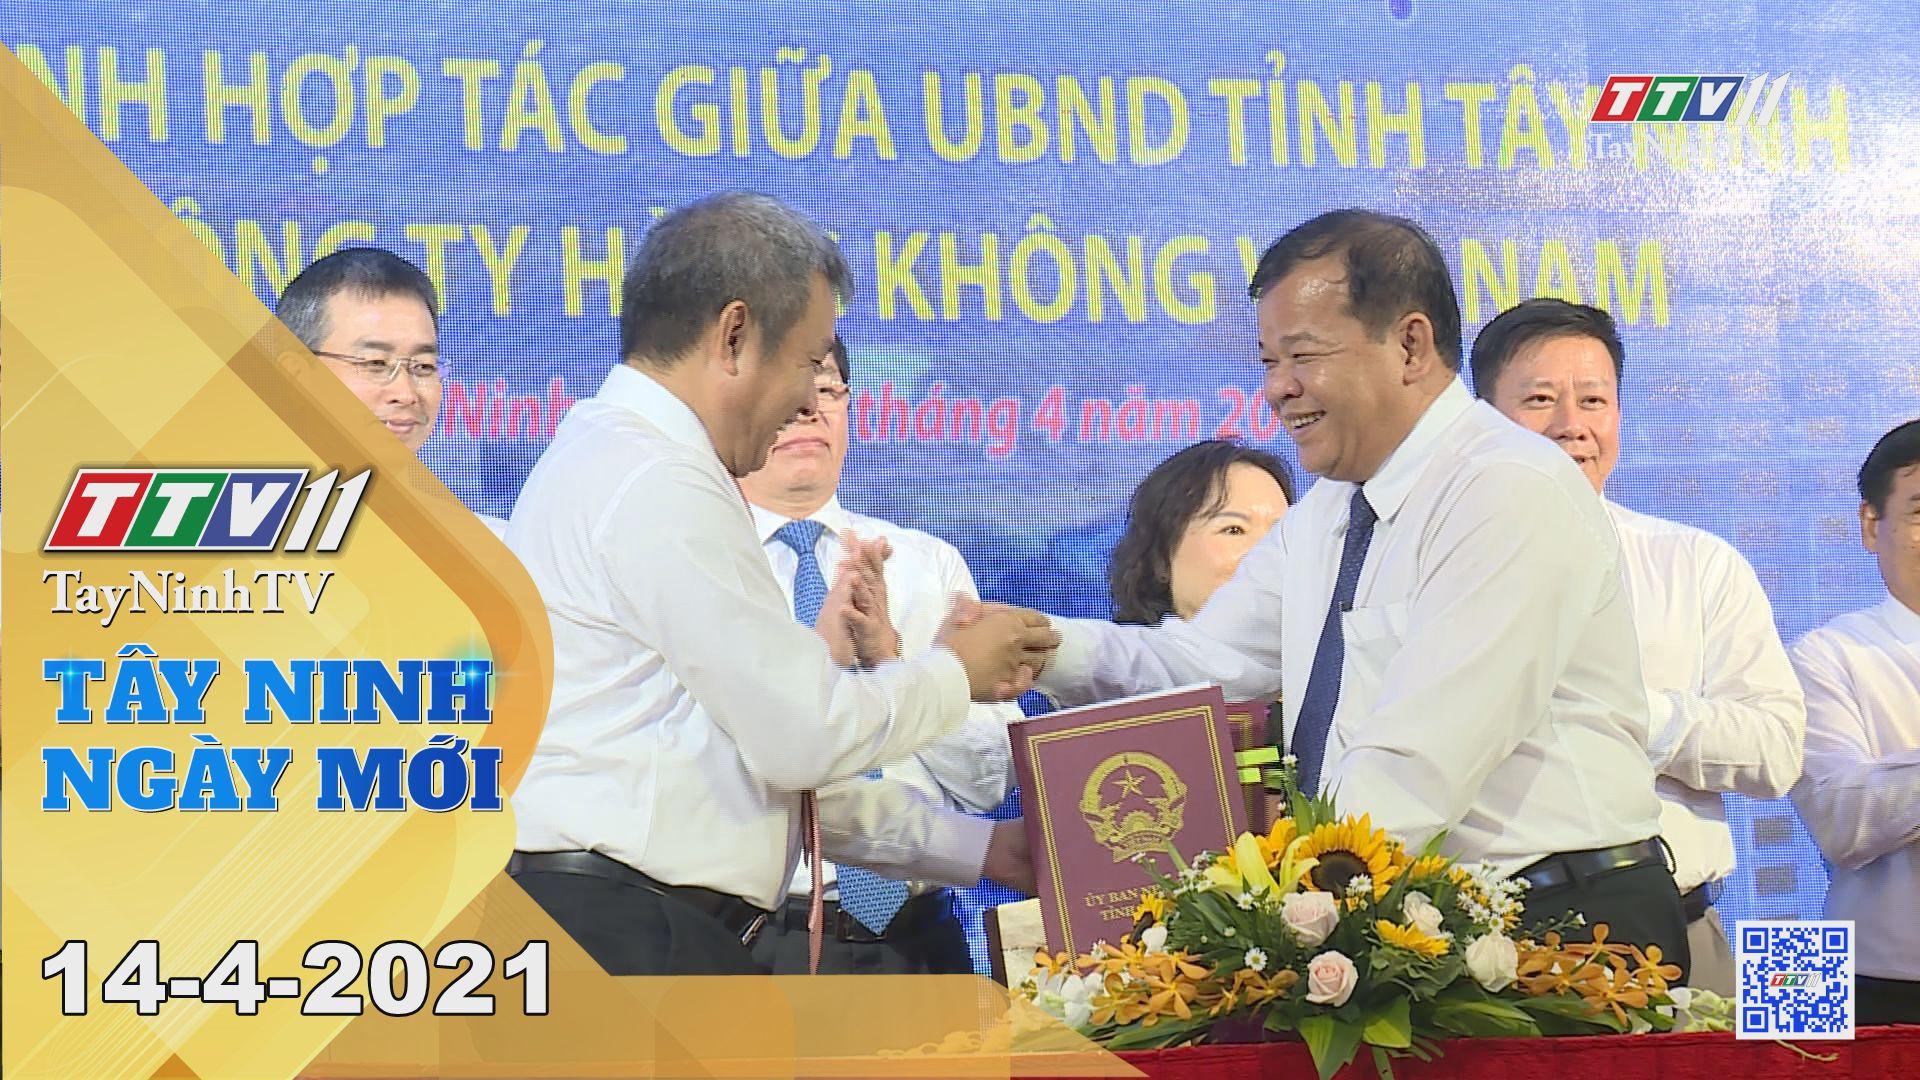 Tây Ninh Ngày Mới 14-4-2021 | Tin tức hôm nay | TayNinhTV